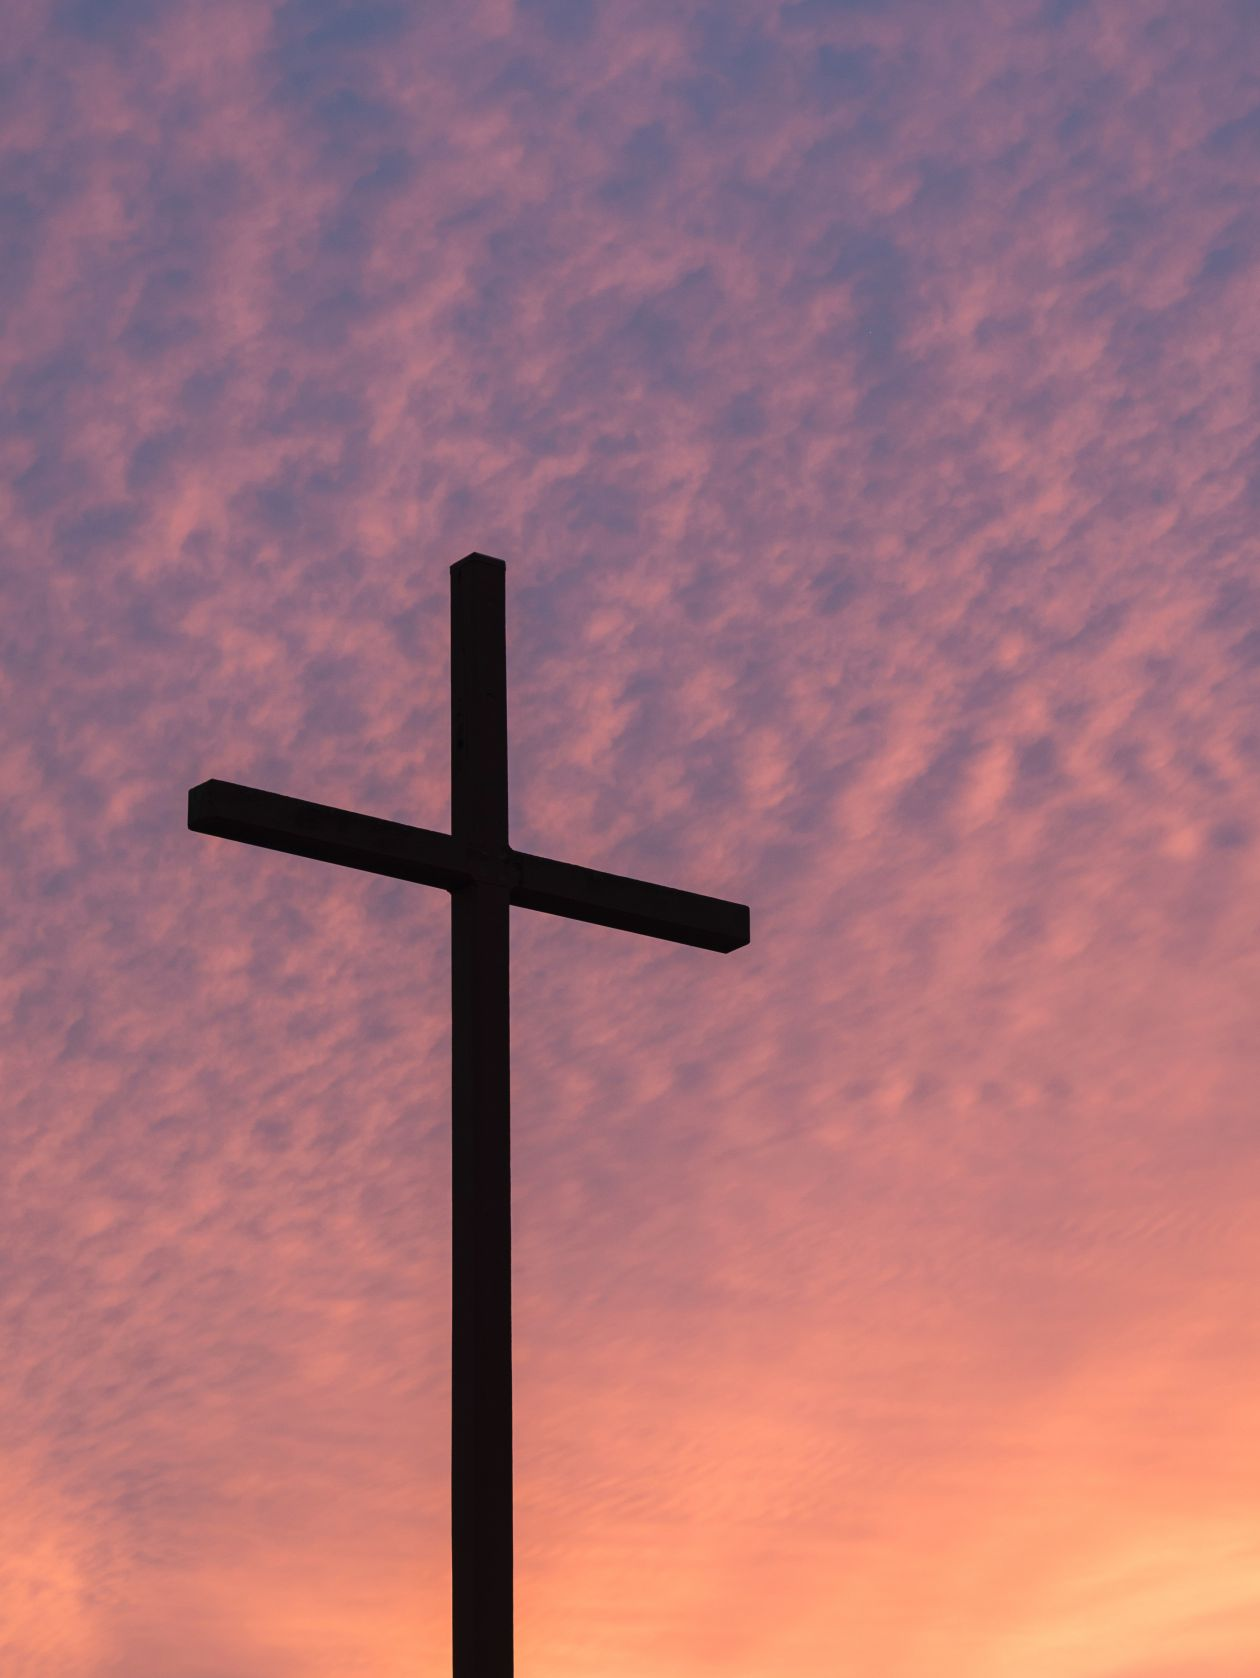 Free Photos: Cross | Aaron Burden